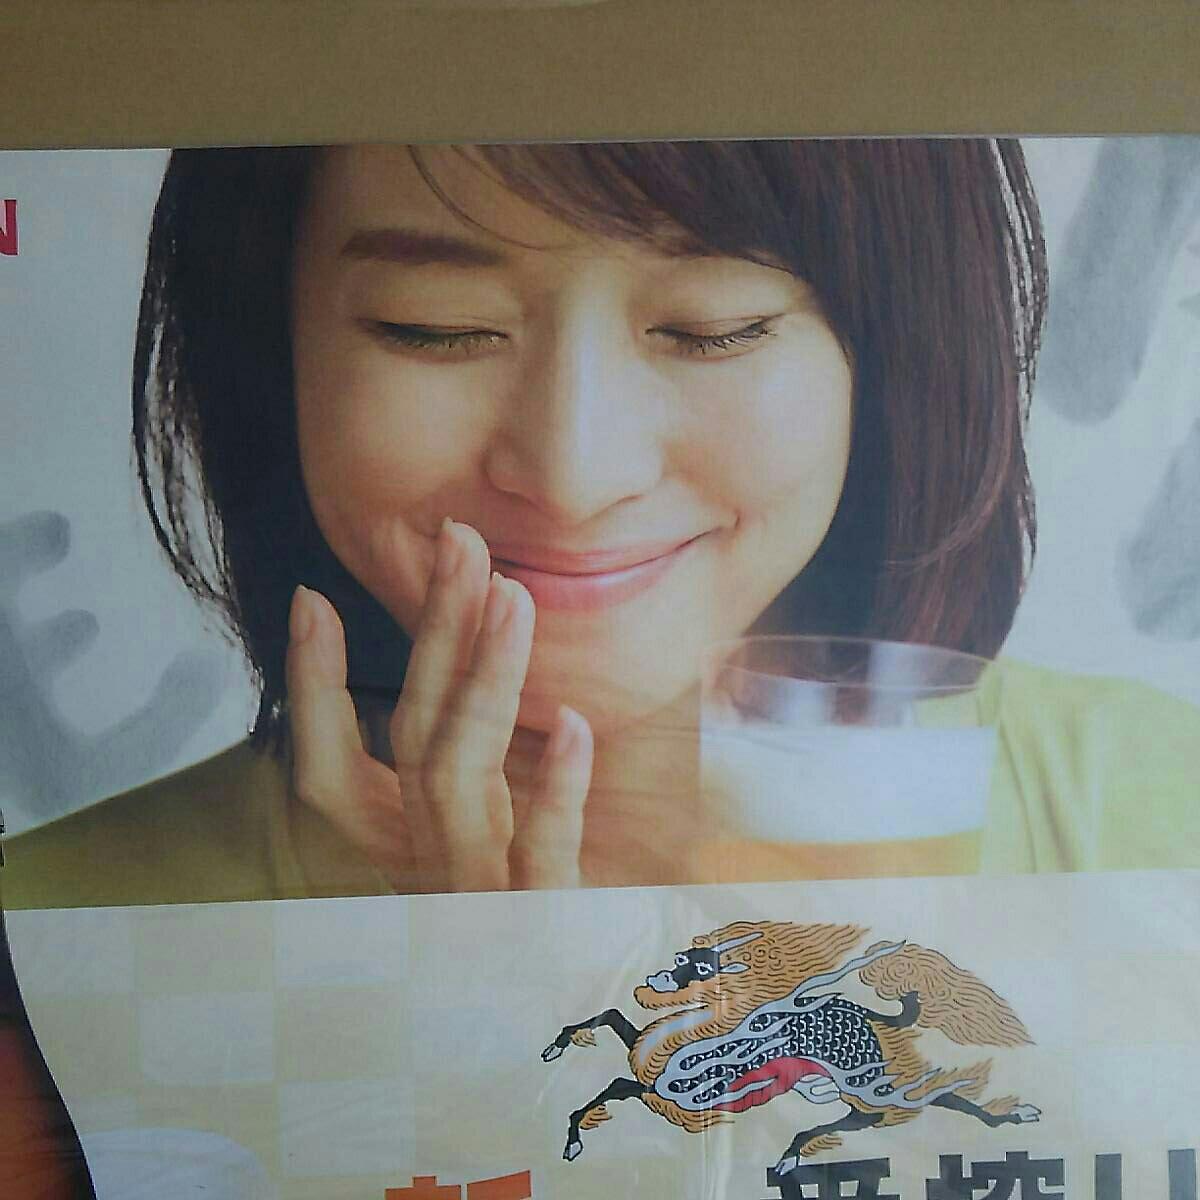 キリン 一番搾り 石田ゆり子 鈴木亮平 5枚セット ポスター 未使用 美品